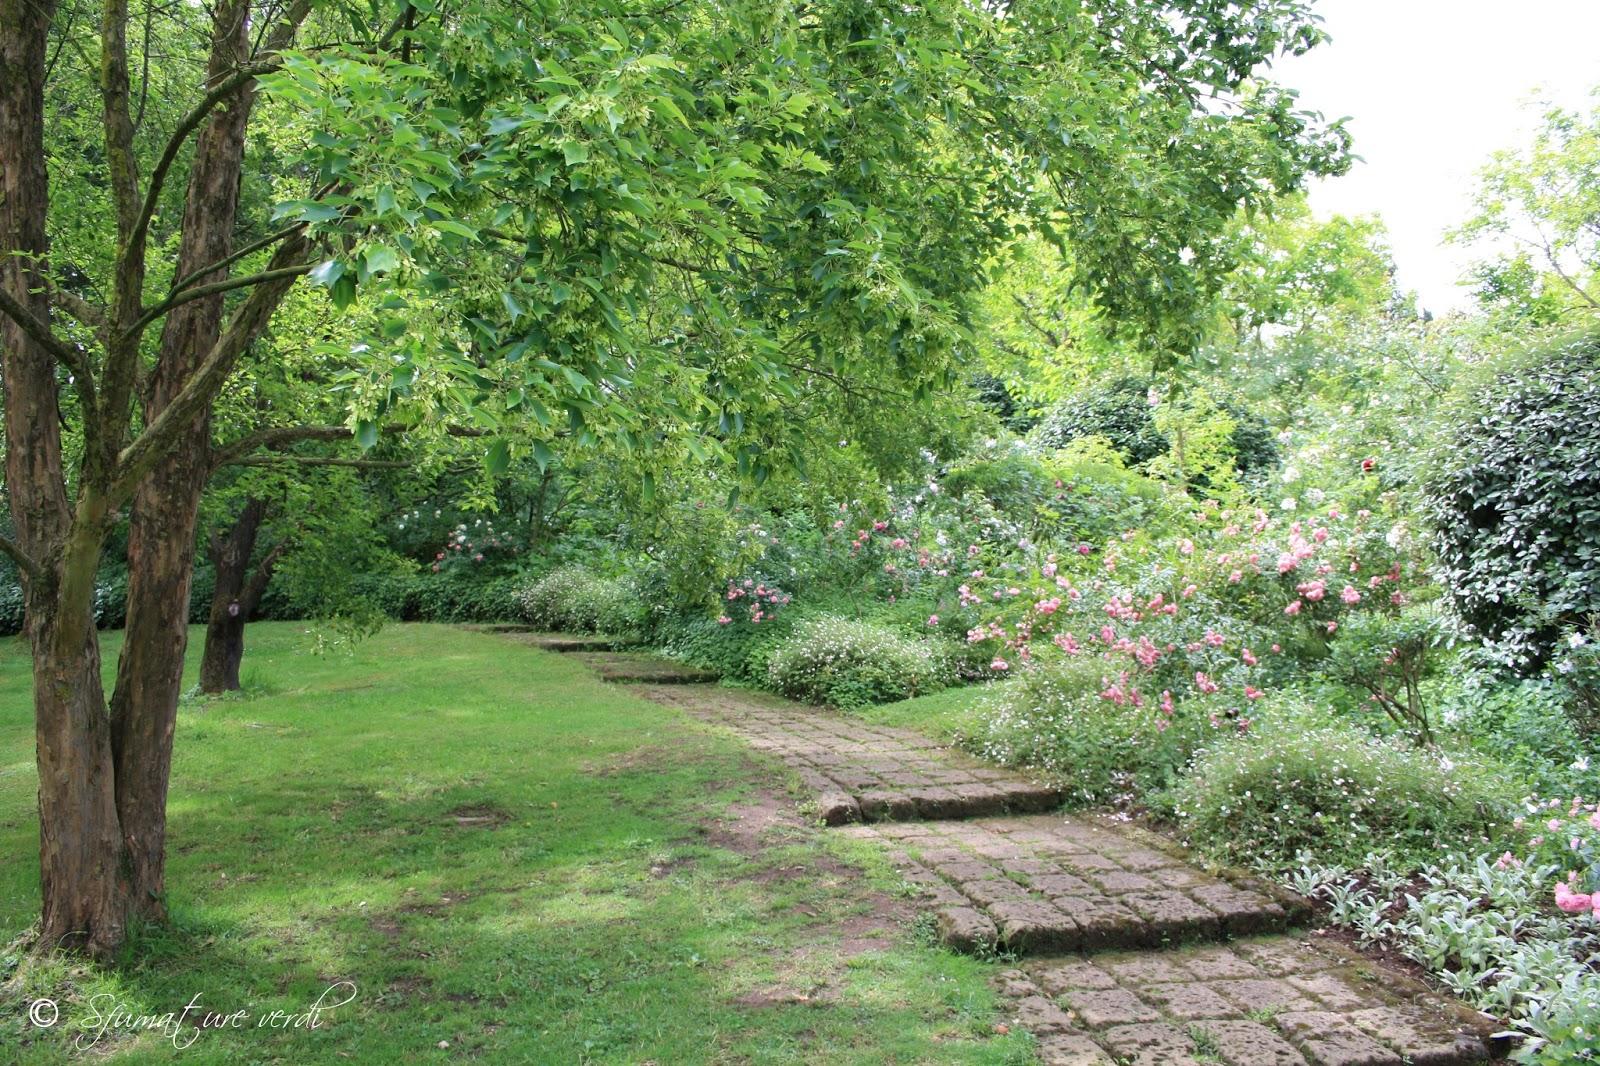 I giardini della landriana sfumature verdi for Disegnare giardini